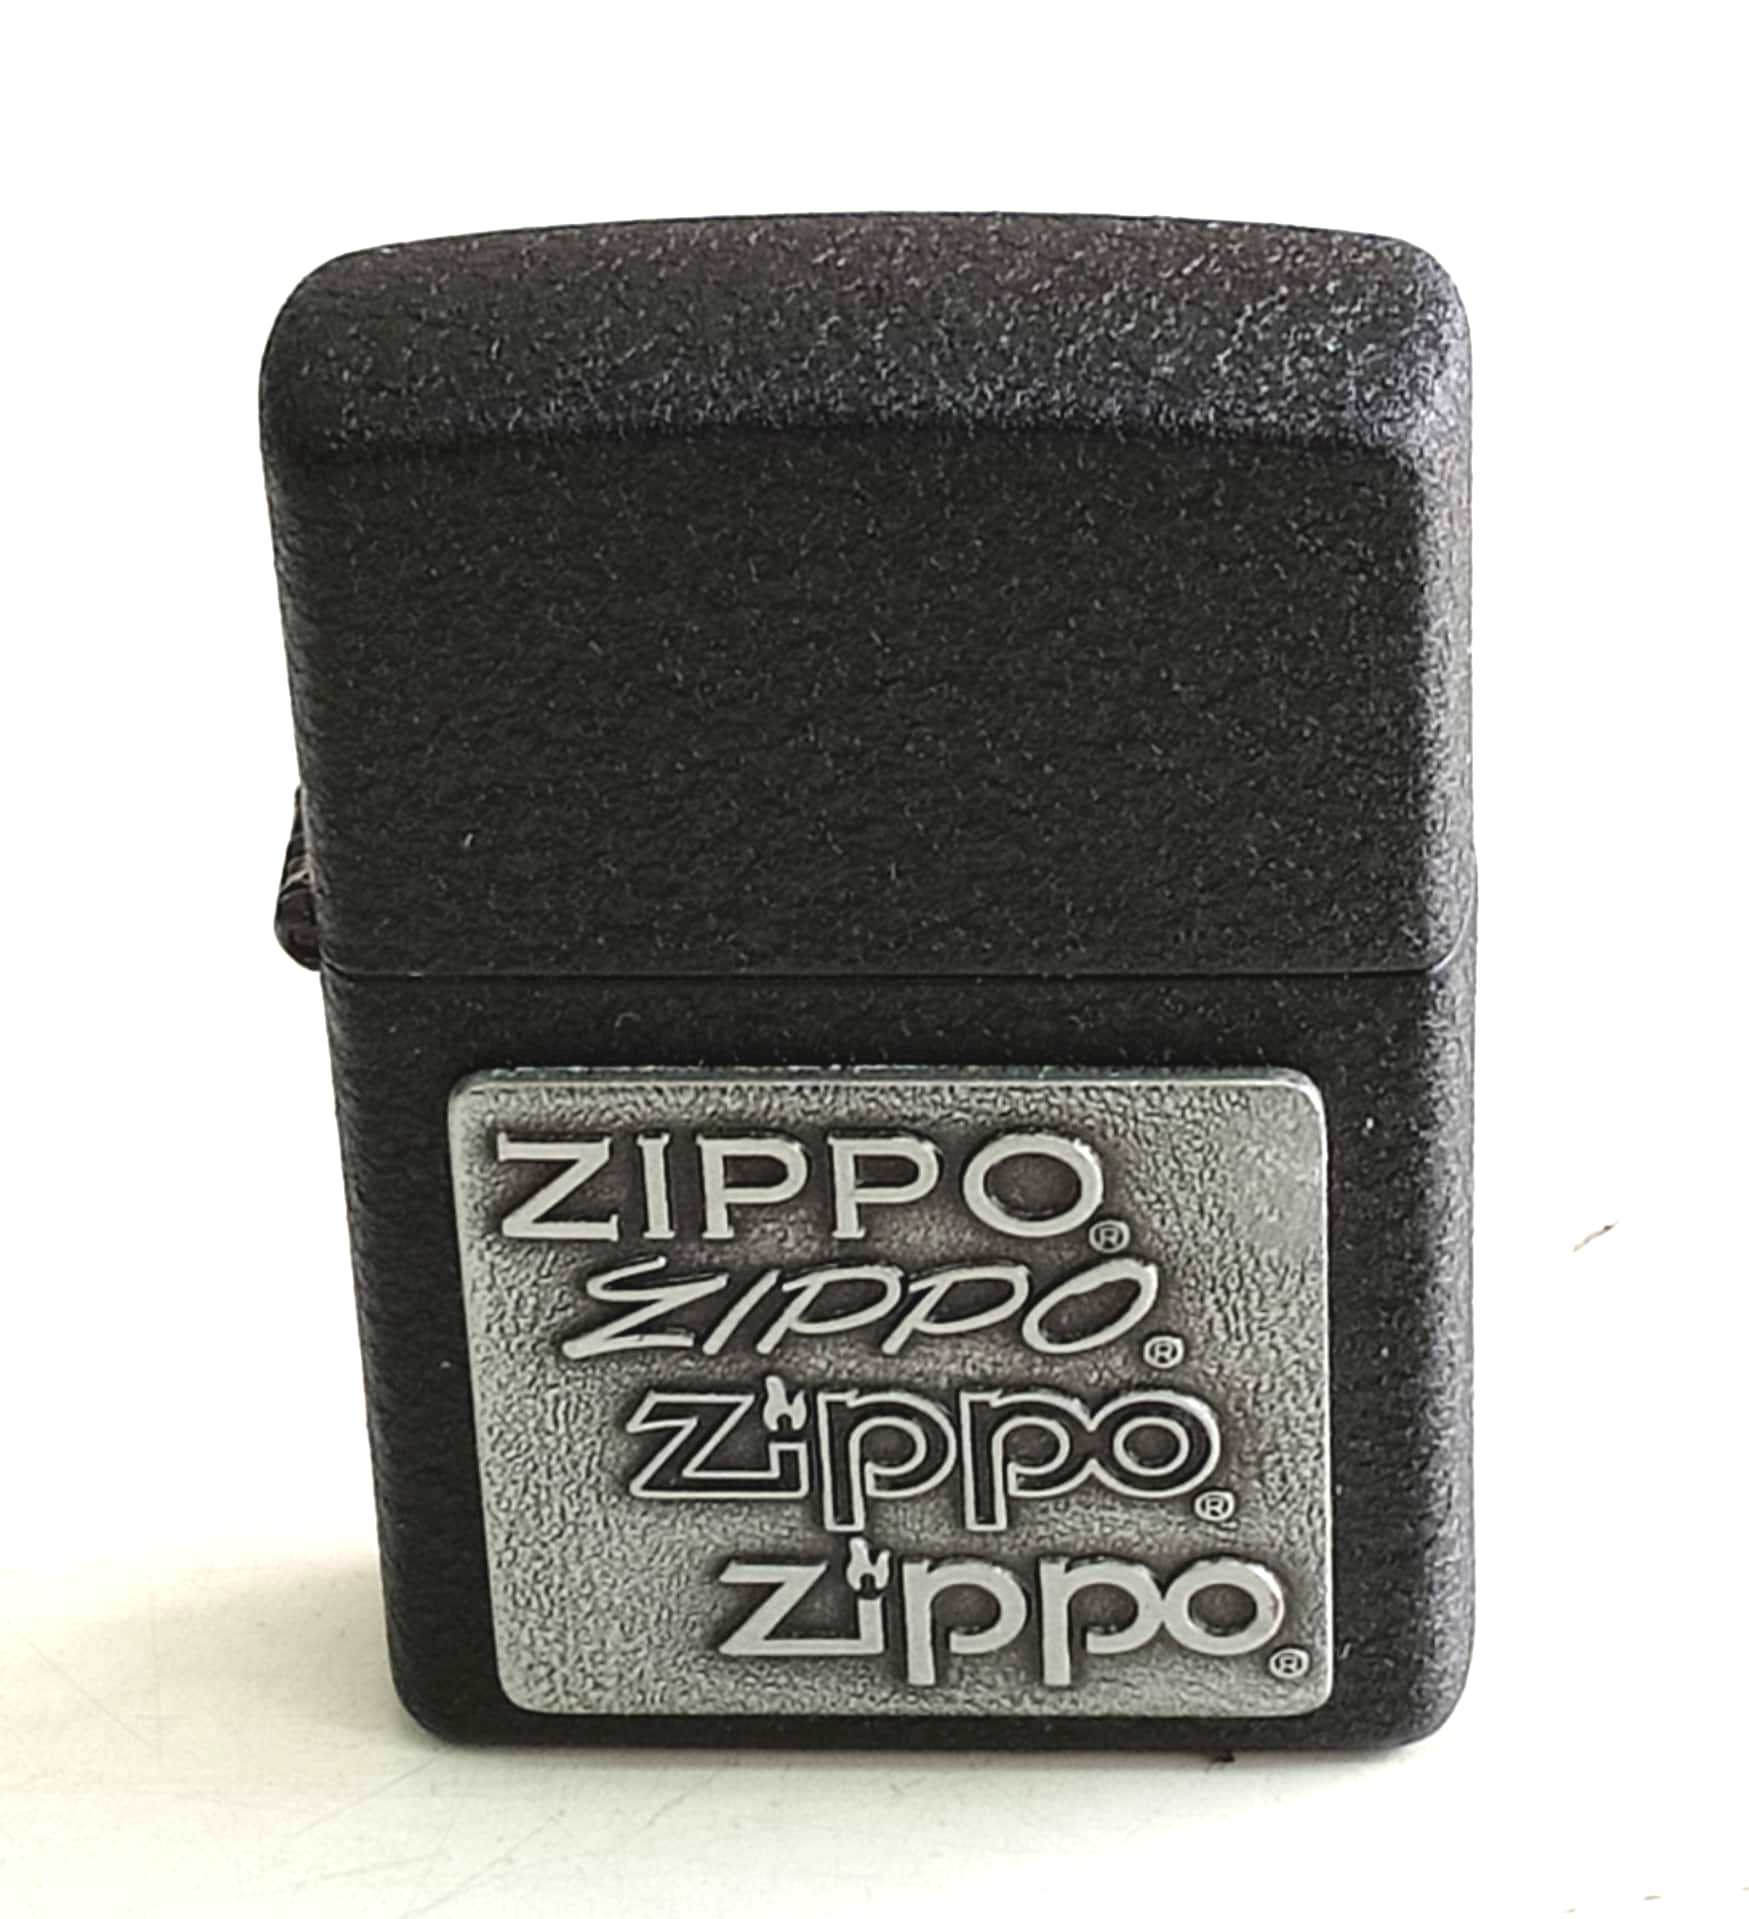 Zippo den san dap noi trang nua mat zippo Z822 1